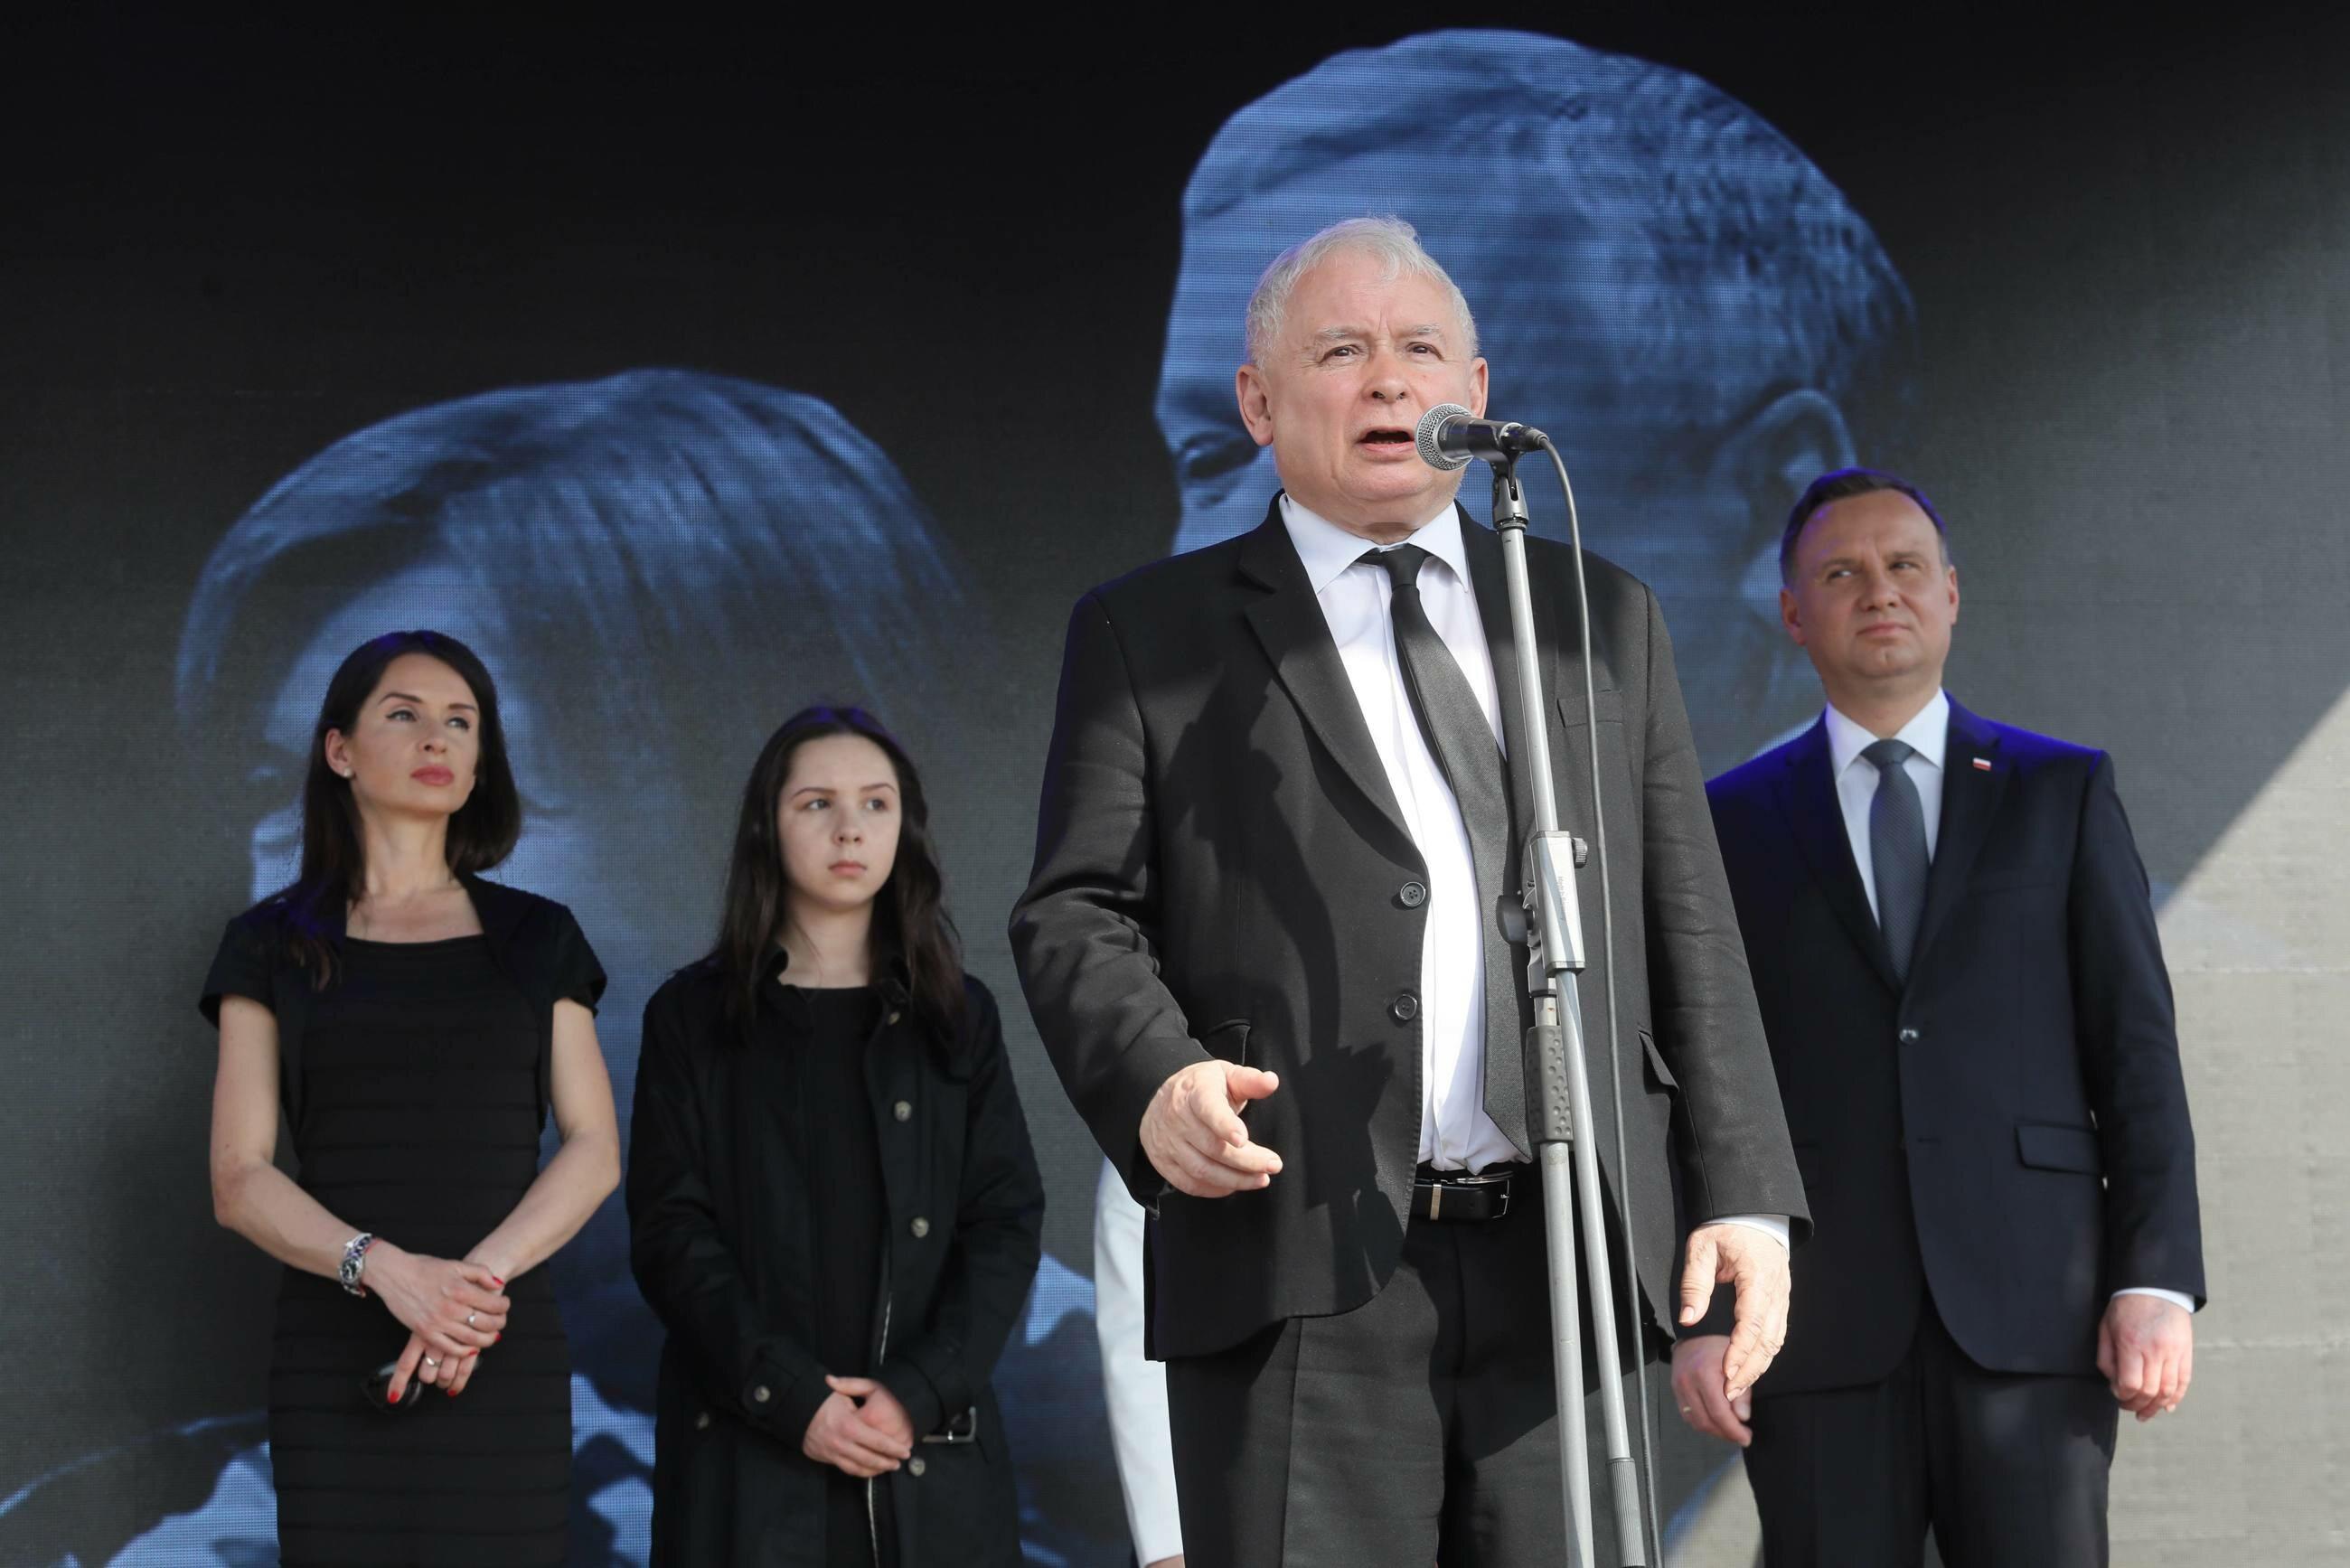 Obchody 8. rocznicy katastrofy smoleńskiej - prezydent Andrzej Duda, prezes PiS Jarosław Kaczyński oraz Marta Kaczyńska